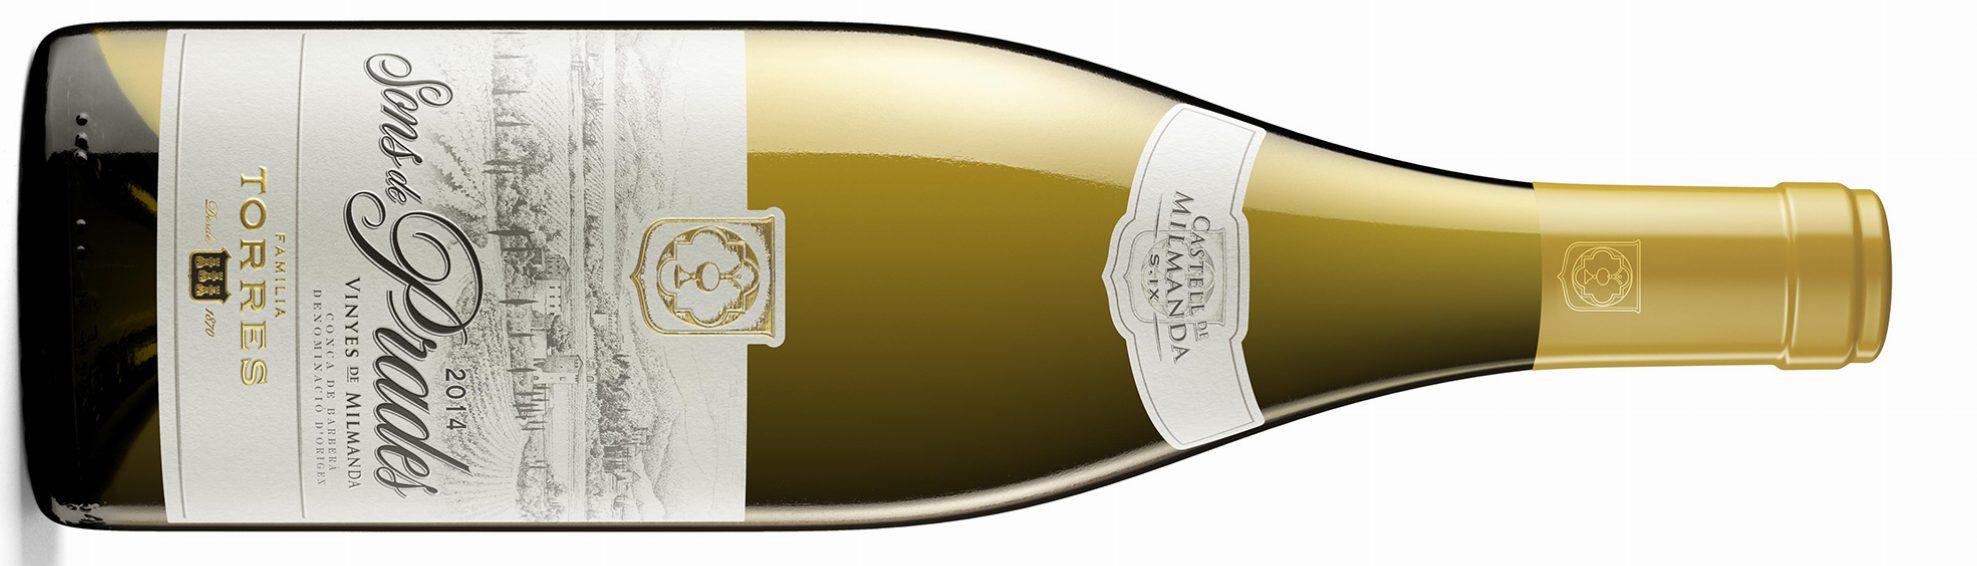 TORRES_Sons_de_Prades_botella